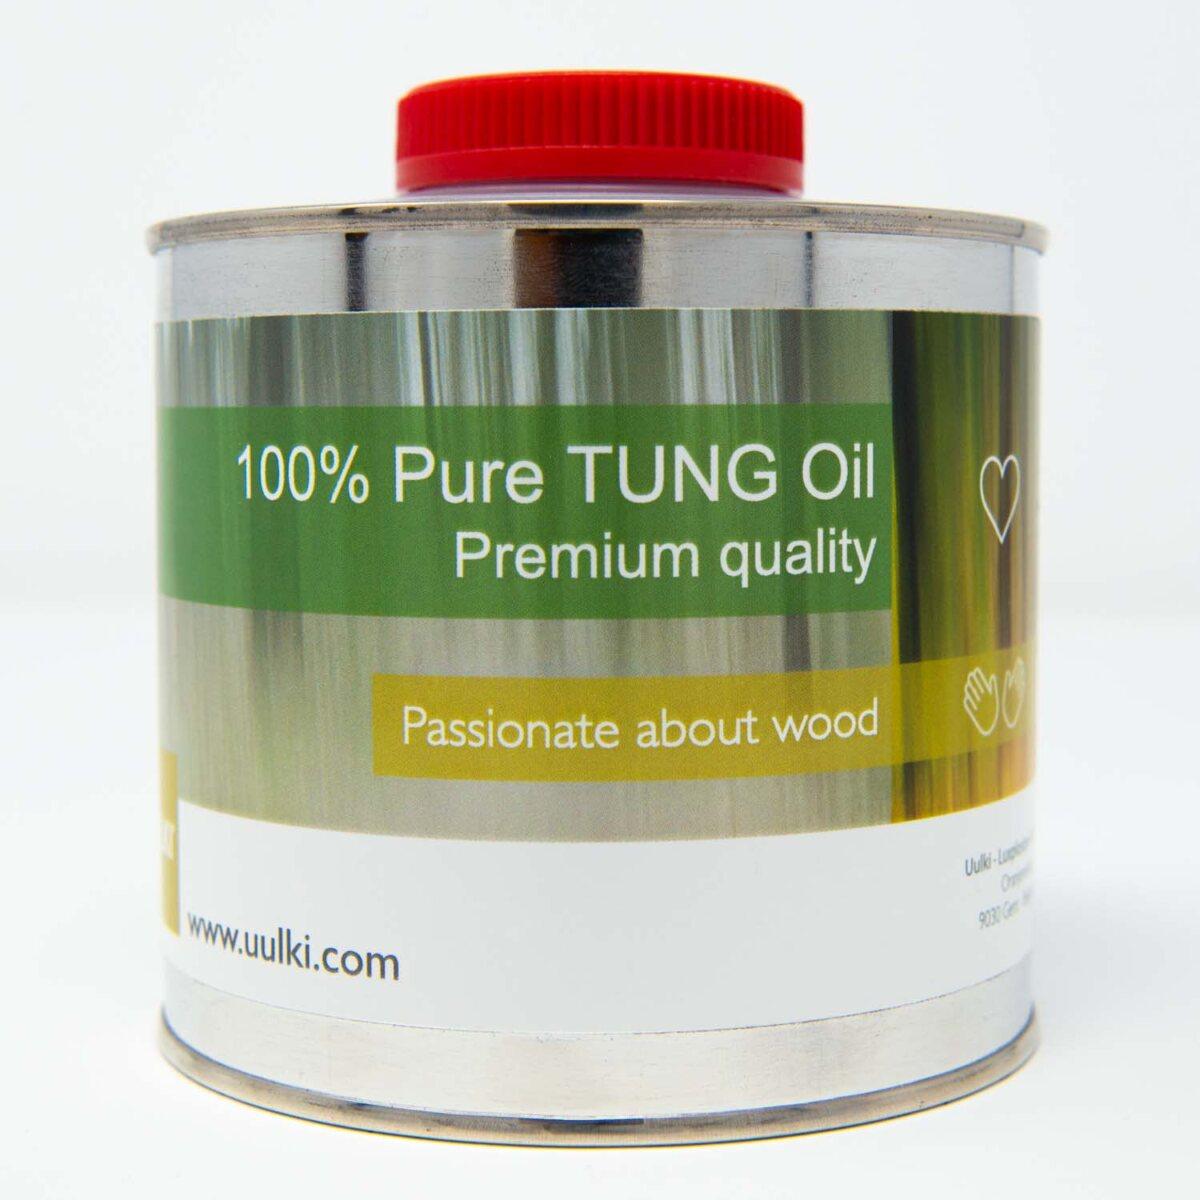 uulki pure tung oil